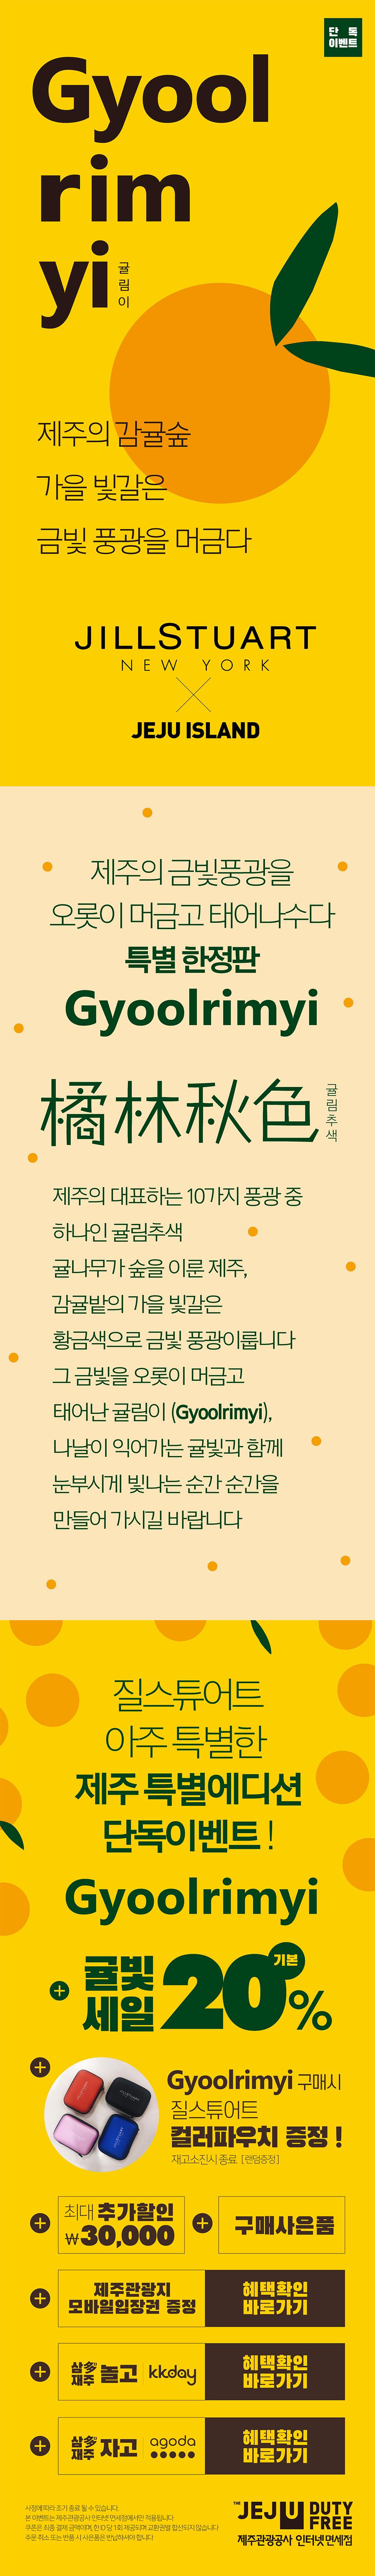 제주 금빛 풍광을 머금은 질스튜어트 한정판 '귤림이' 특별 에디션